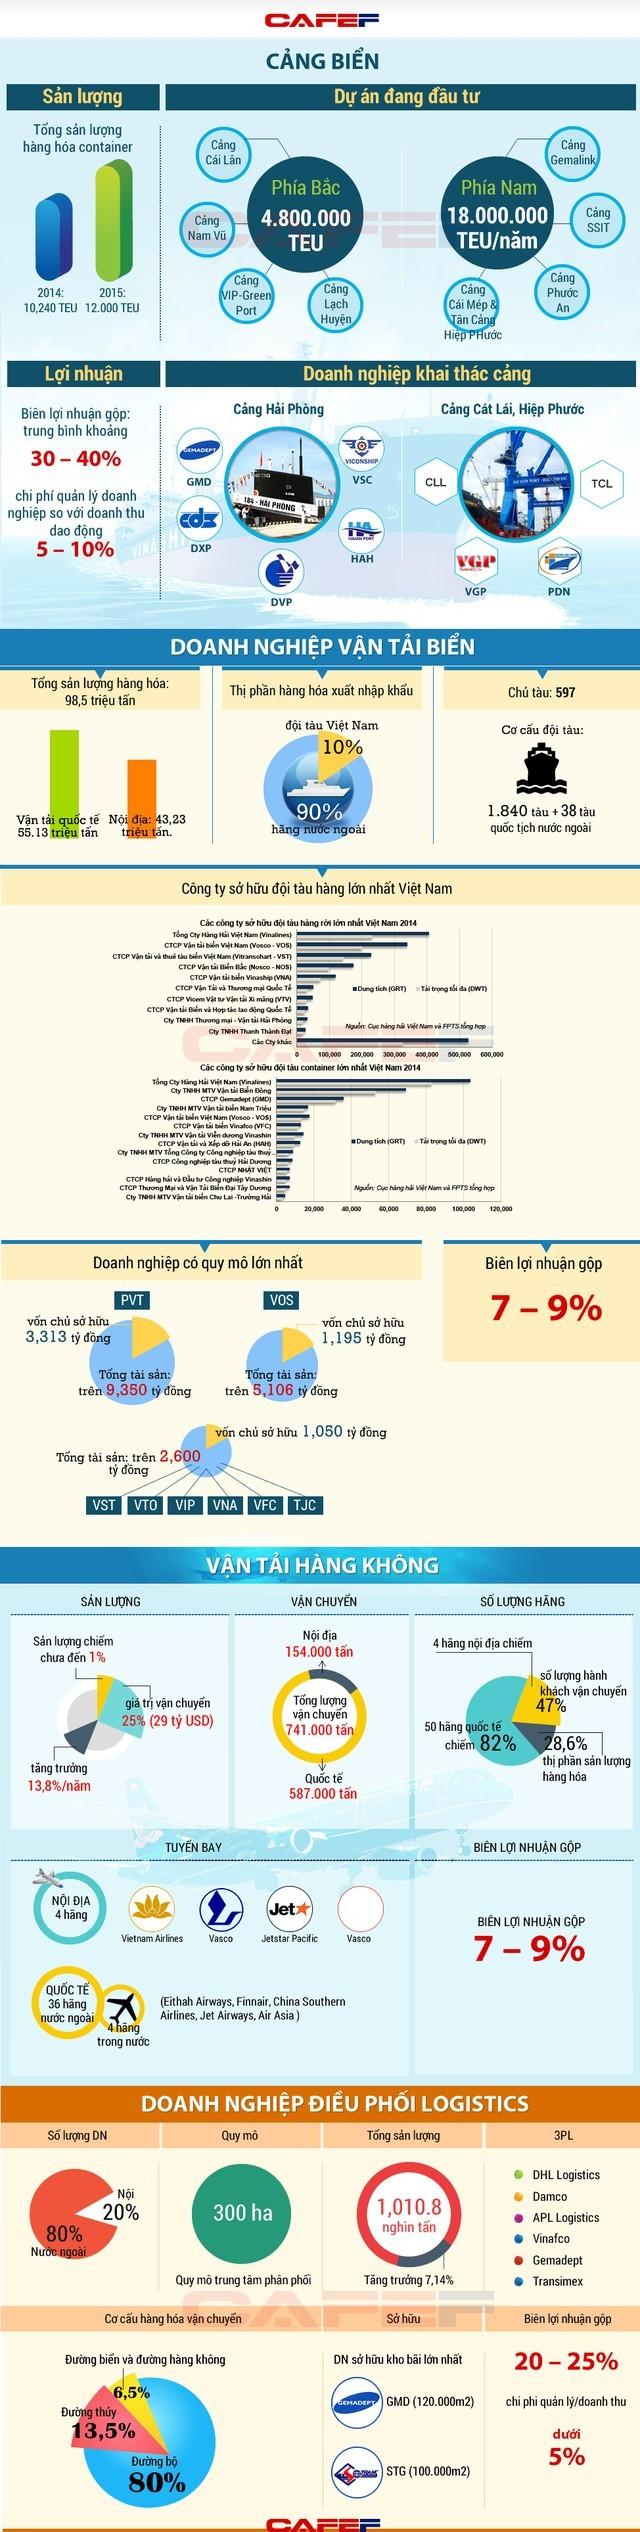 Nguồn: Tổng cục Thống kê và FPTS tổng hợp